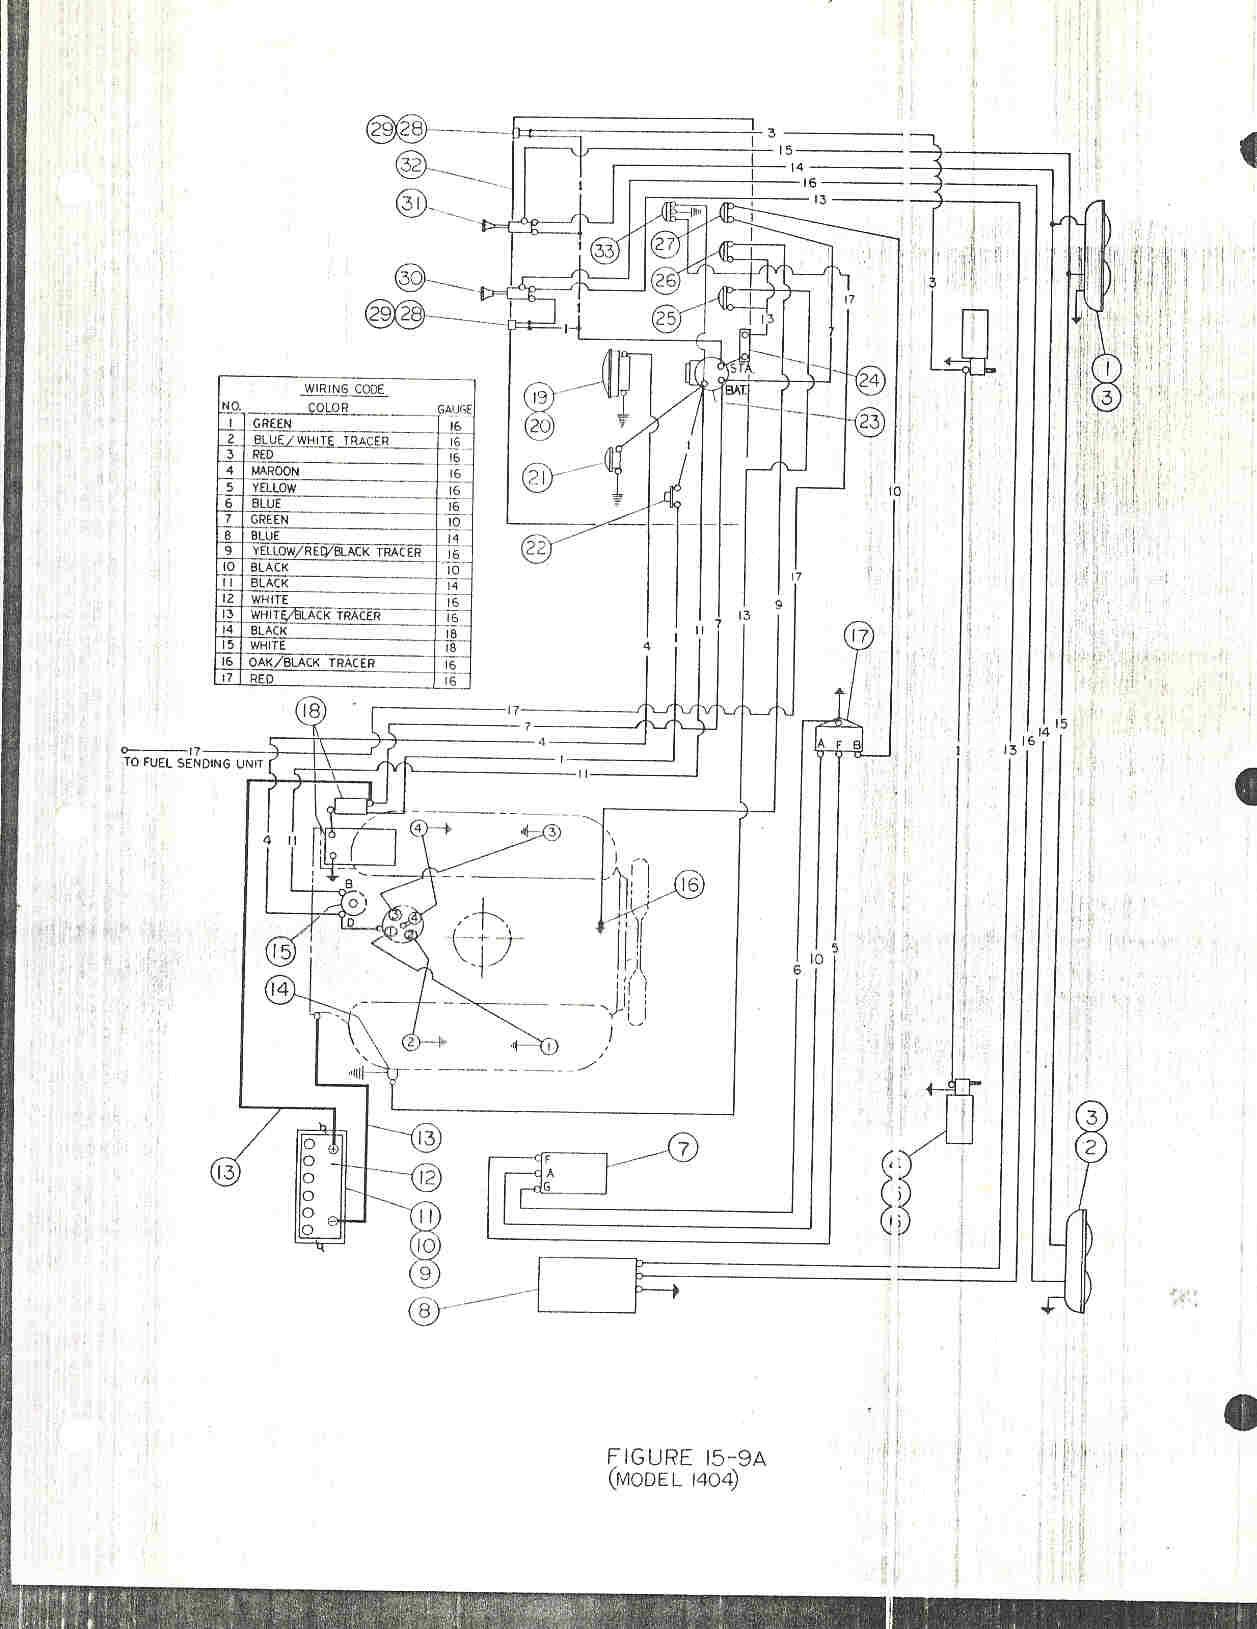 Wiring Diagram For A Honda Trx125 Oil Filter For Honda